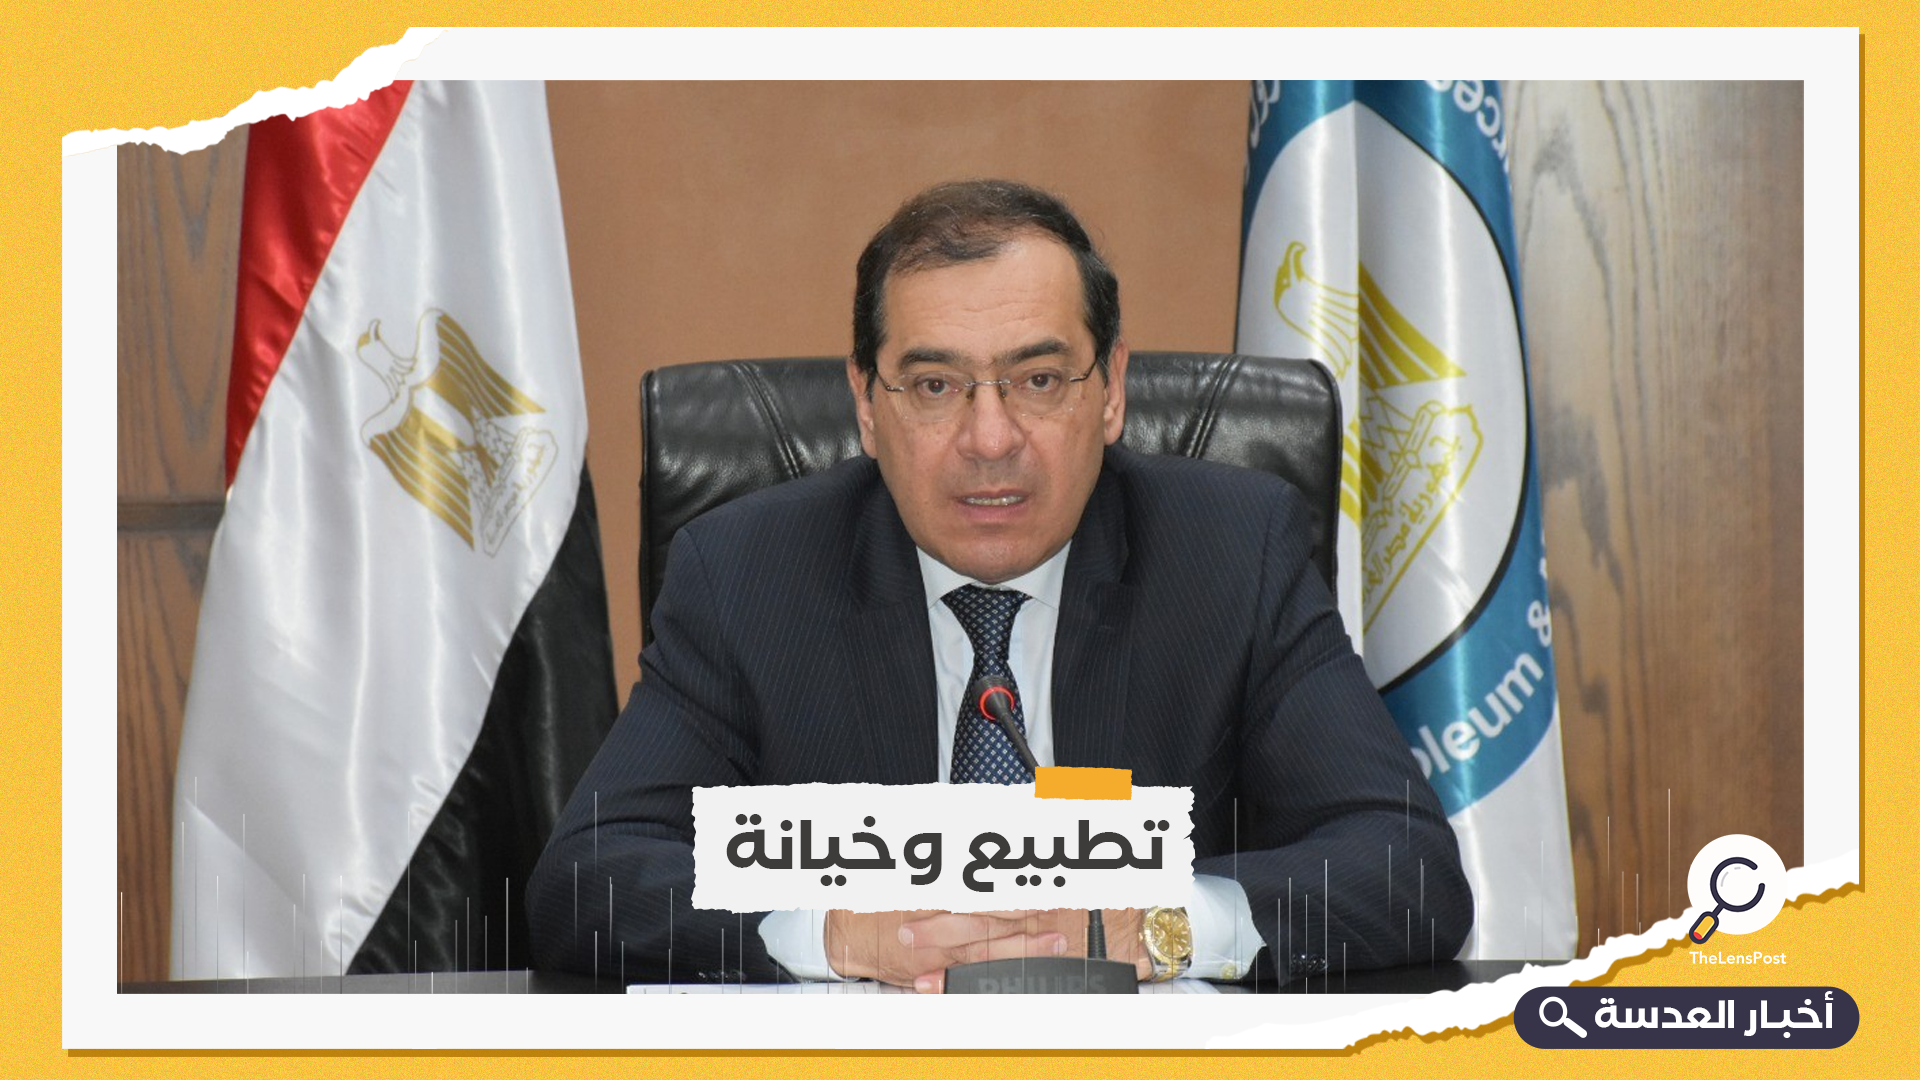 مسلسل الخيانة مستمر.. وزير البترول المصري يزور الكيان الصهيوني